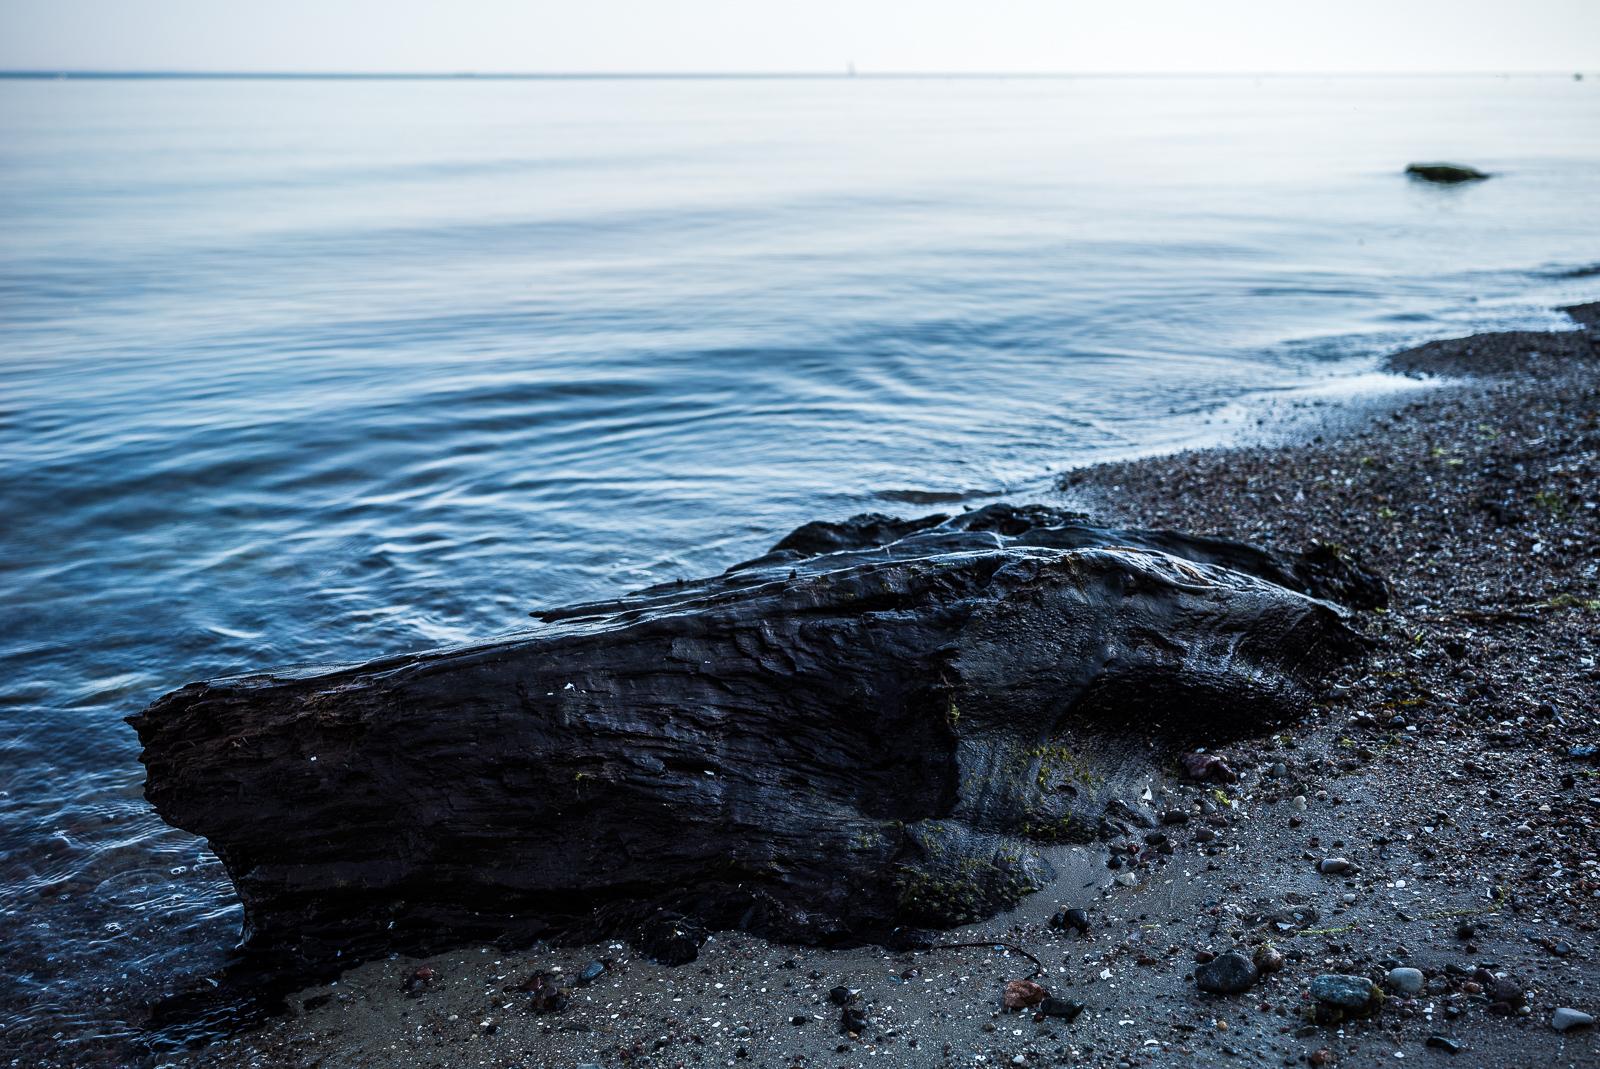 Stein und leichte Wellenbewegung, low-key